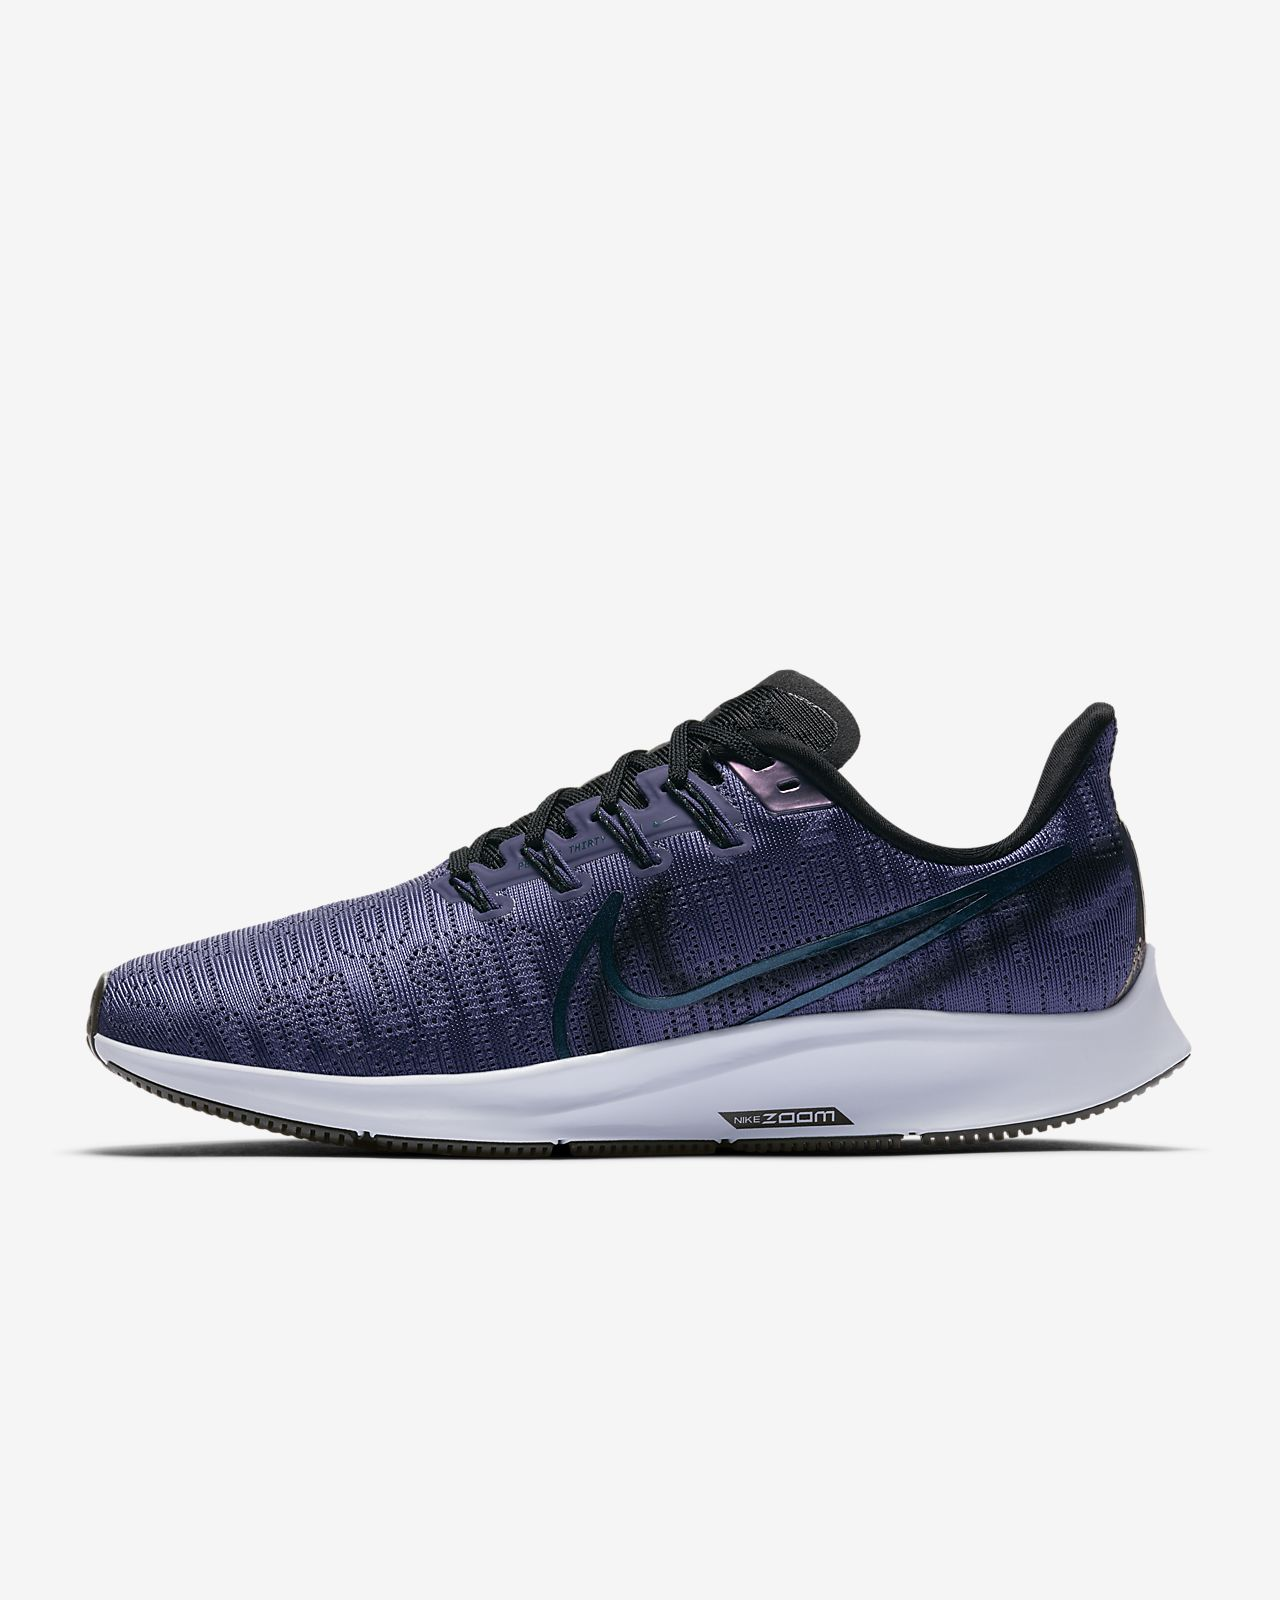 Nike Air Zoom Pegasus 36 Premium Rise Hardloopschoen voor dames